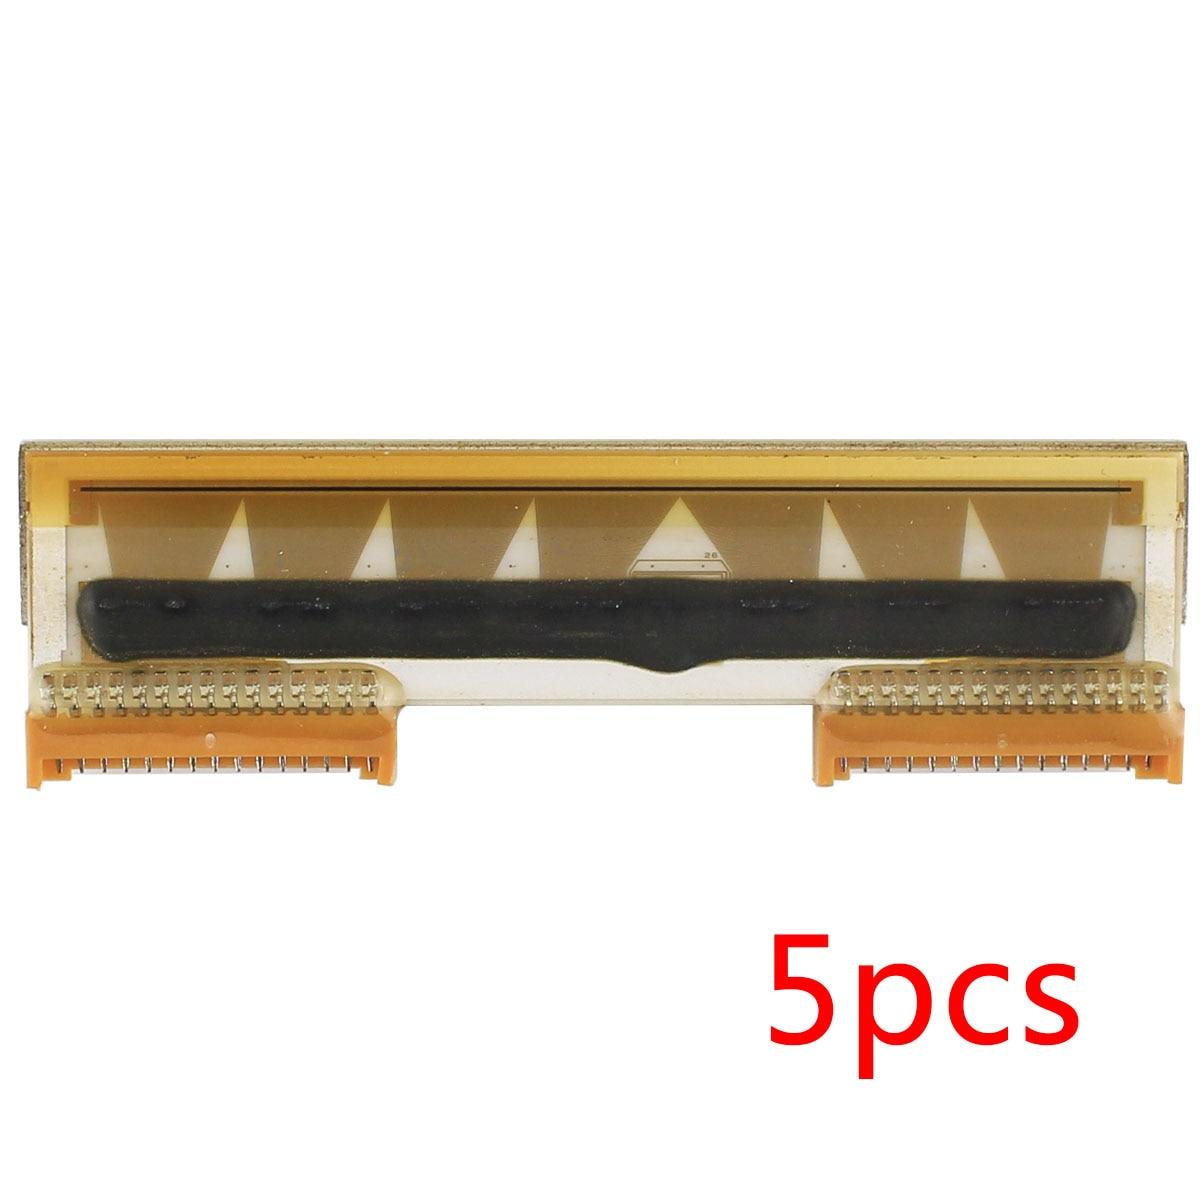 Nuevo cabezal de impresión Original para Zebra LP2824 LP2824-z cabezal de impresión de piezas de impresora, garantía 90 días